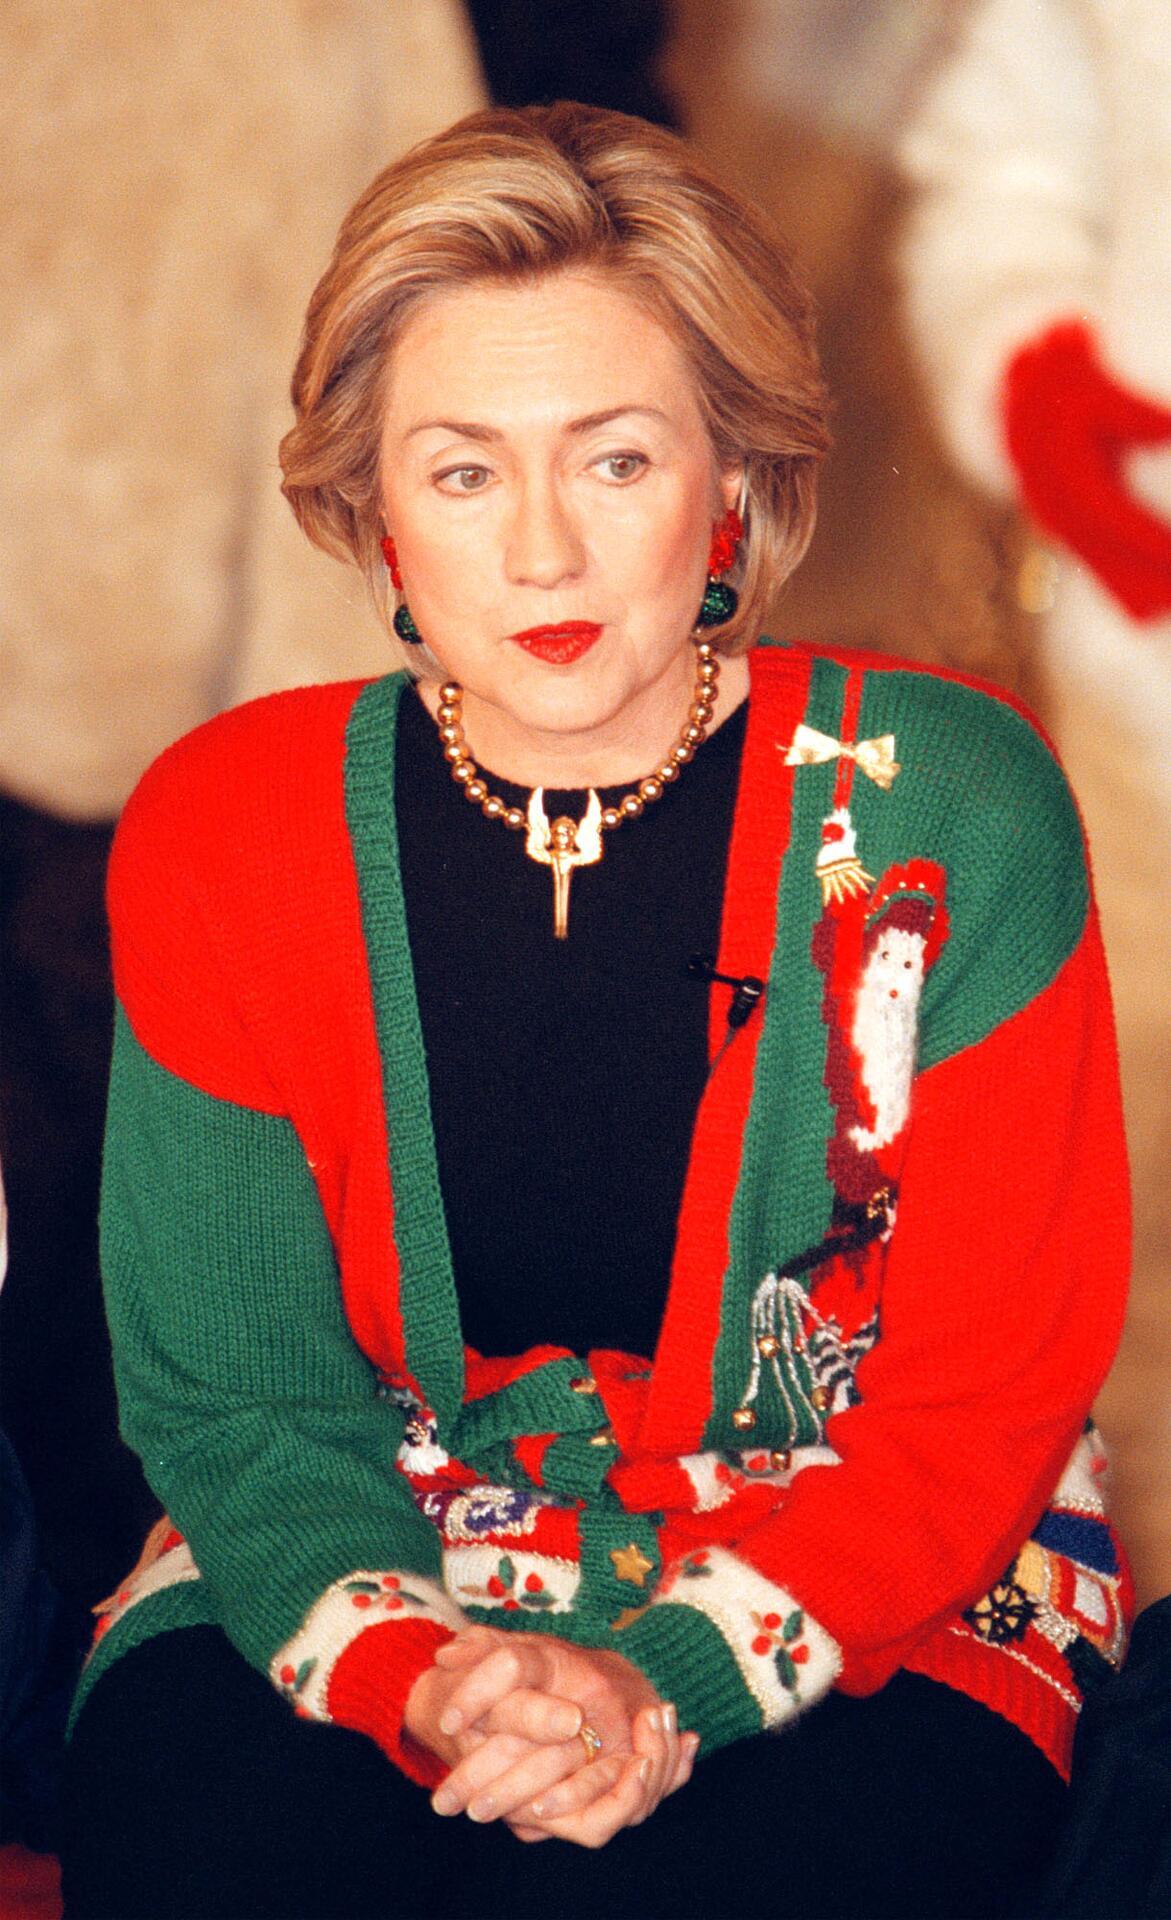 Bild zu Hillary Clinton, Weihnachten, Ugly Sweater